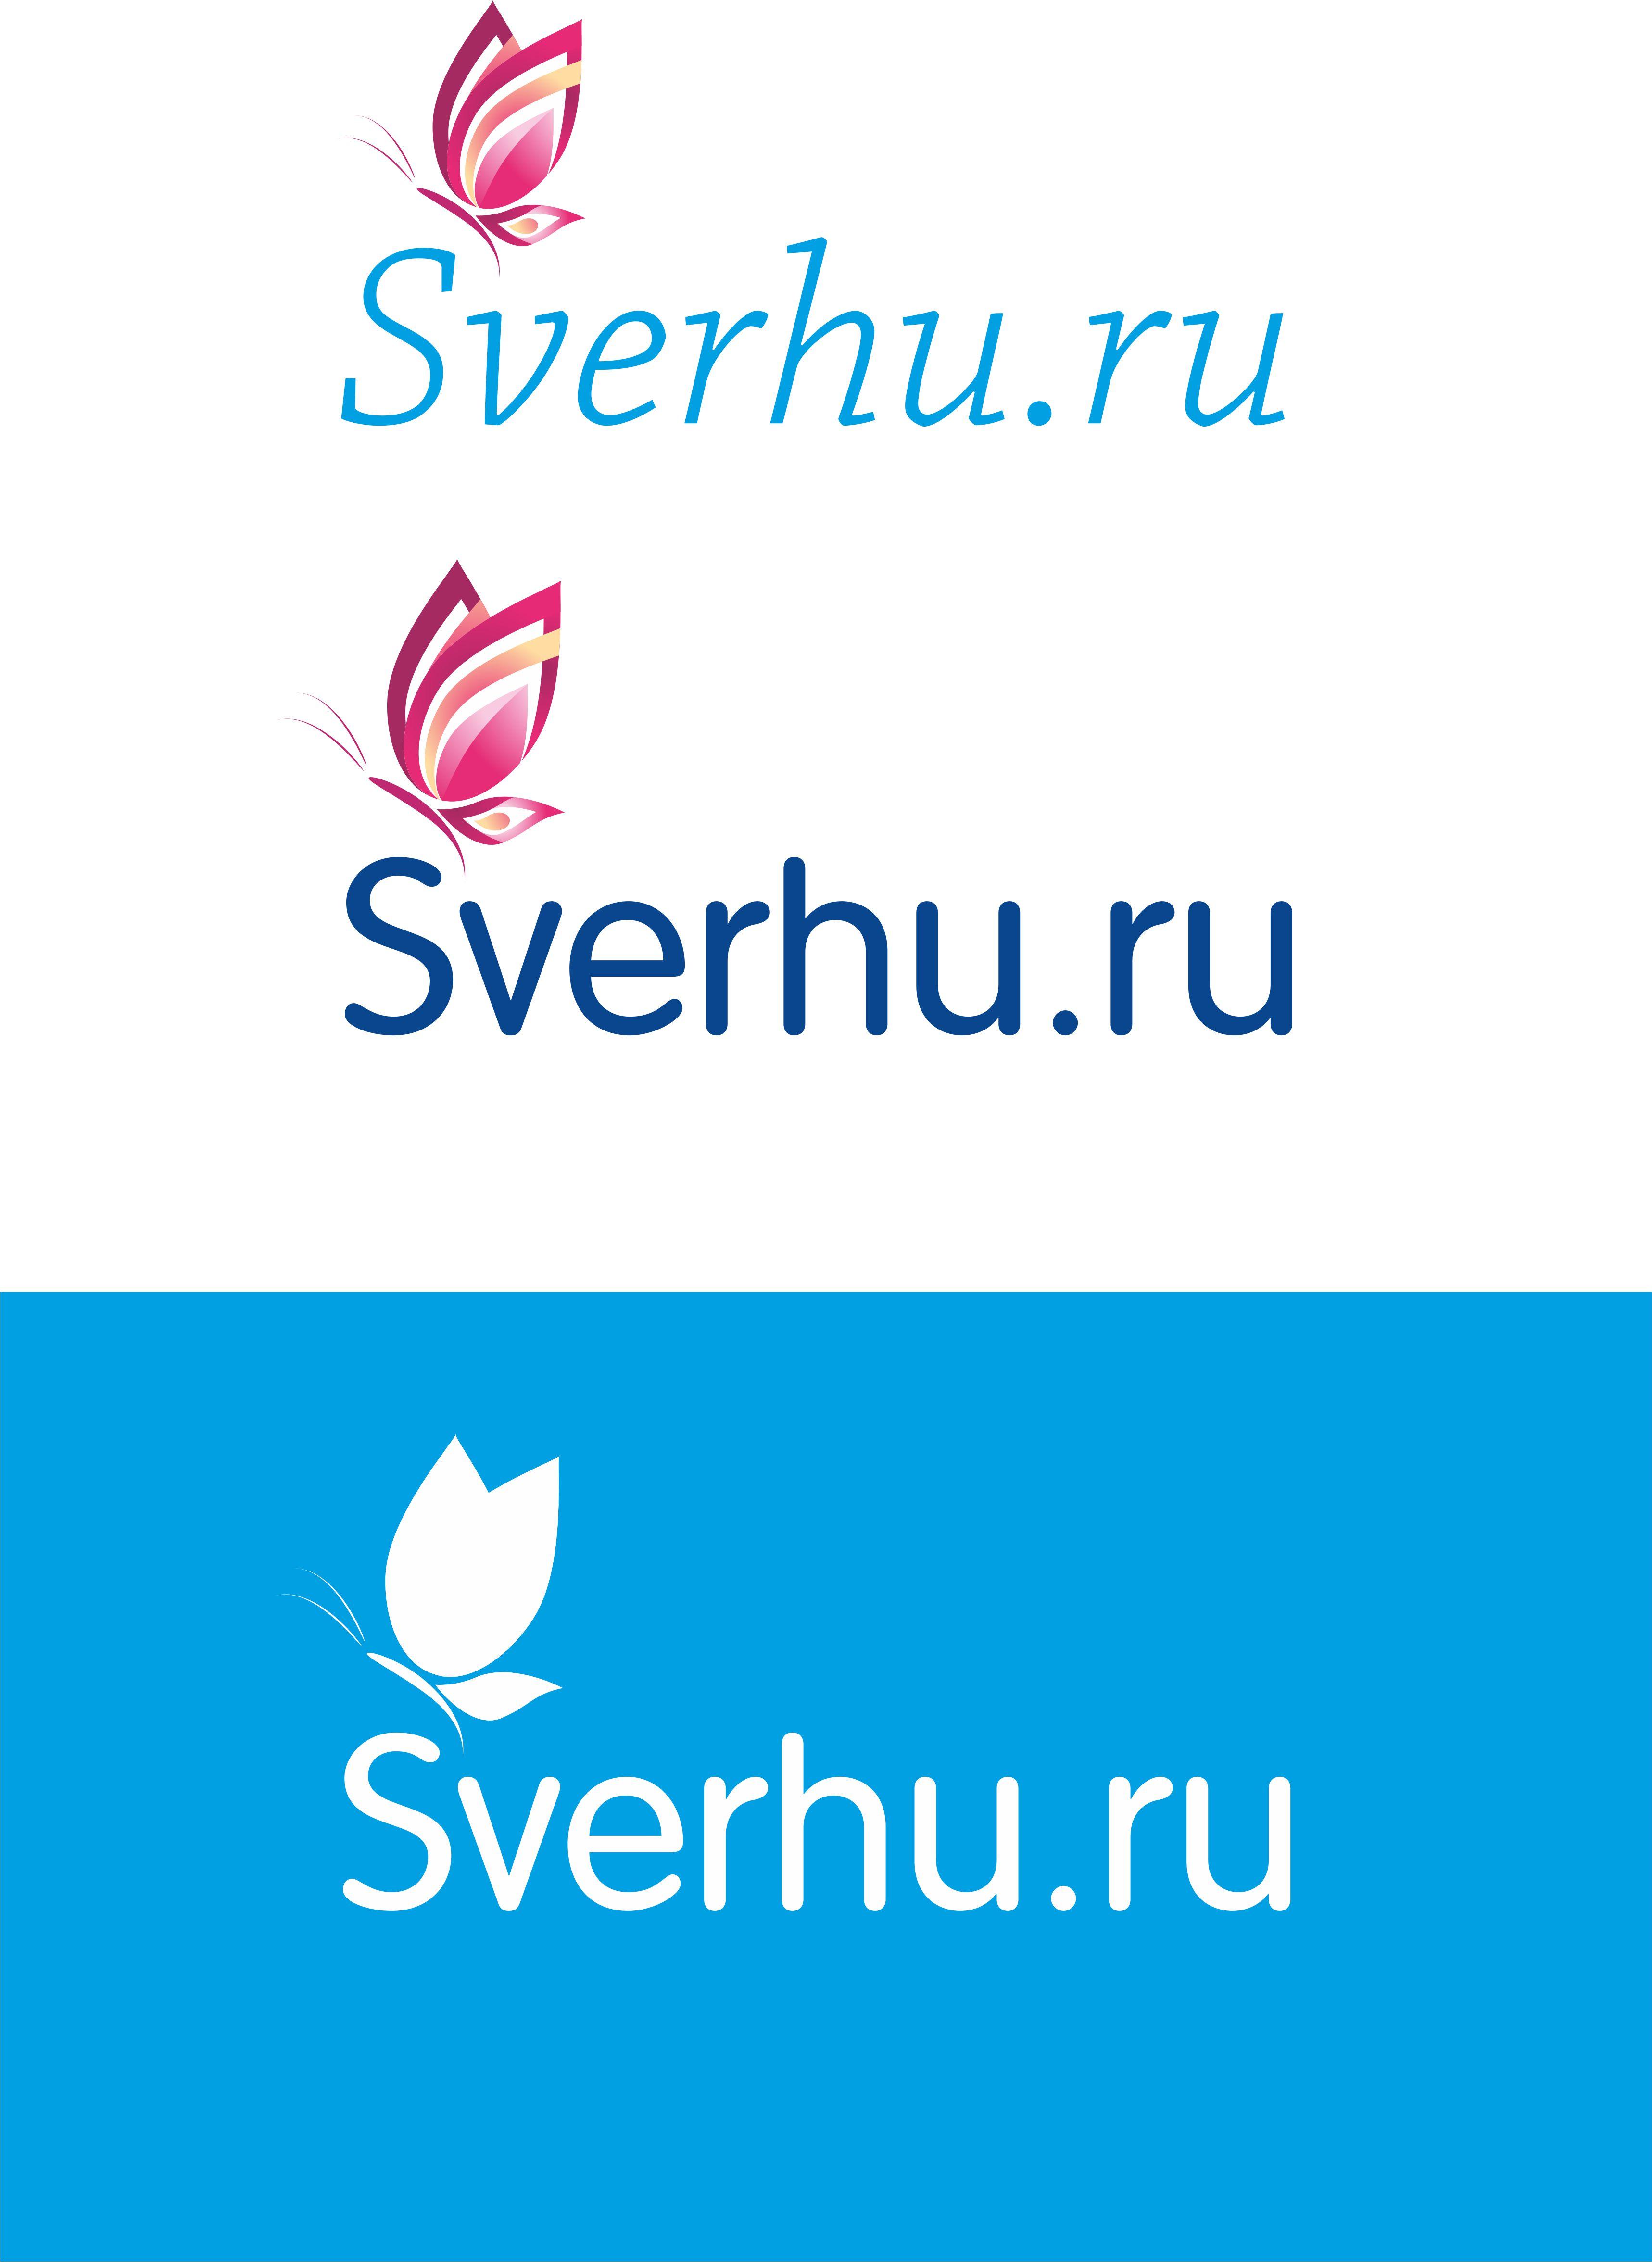 логотип  фото f_57755c60dc46cfd5.jpg